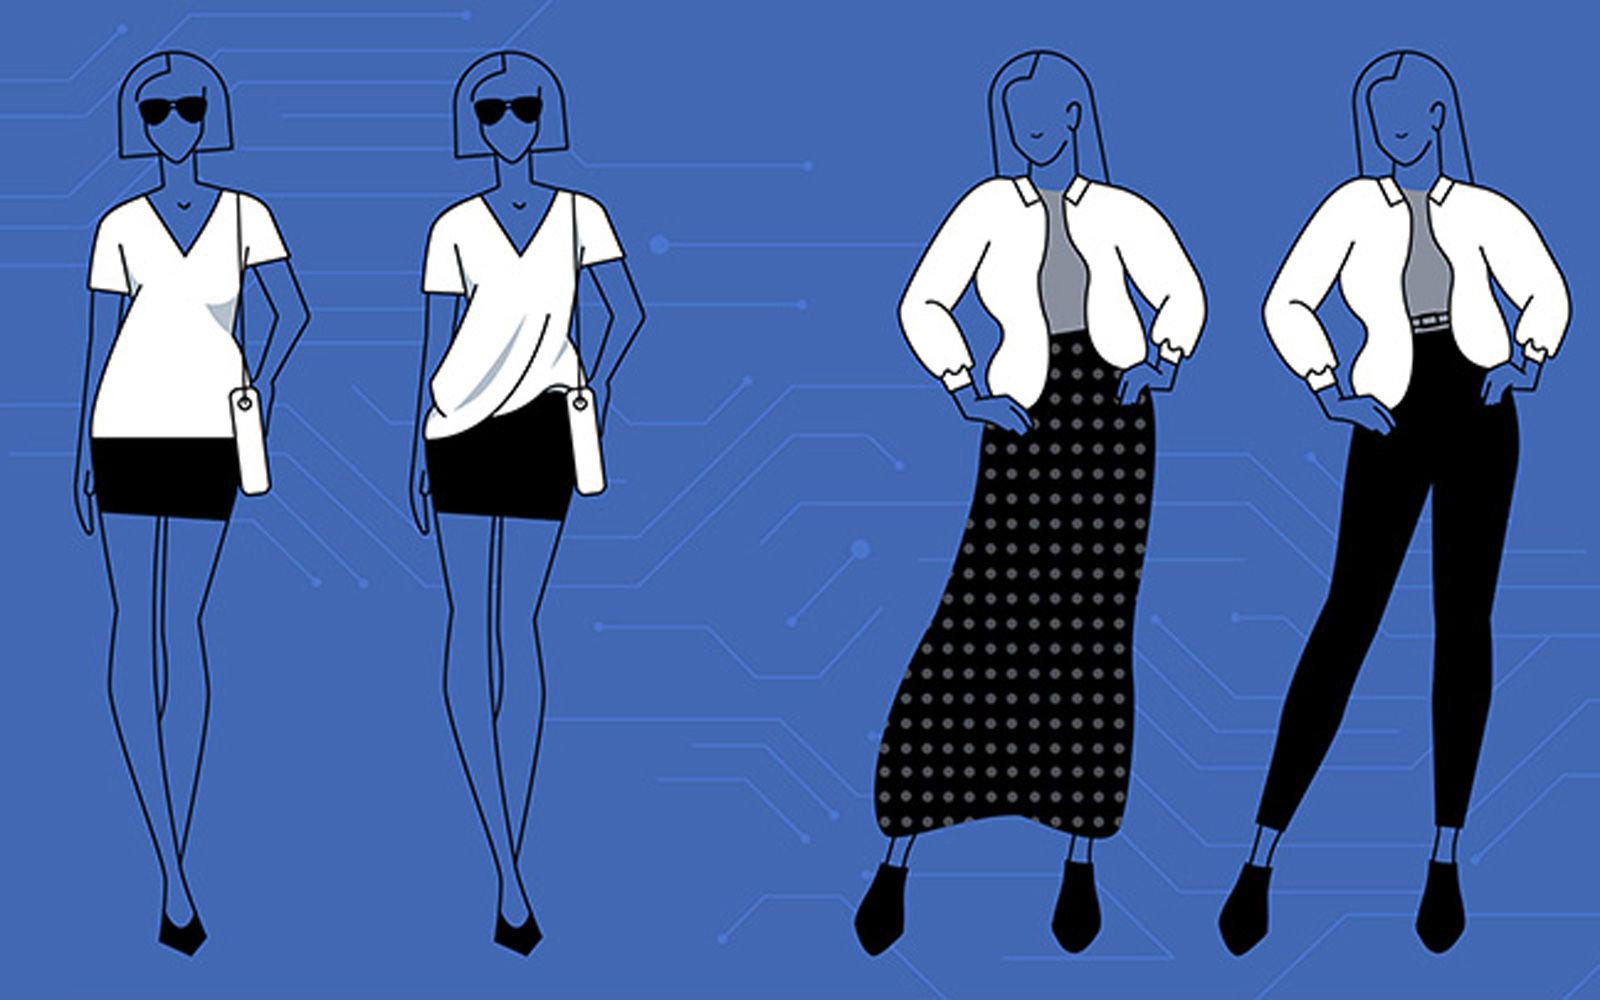 Facebook moda aholkuak eman adimen artifizialarekin